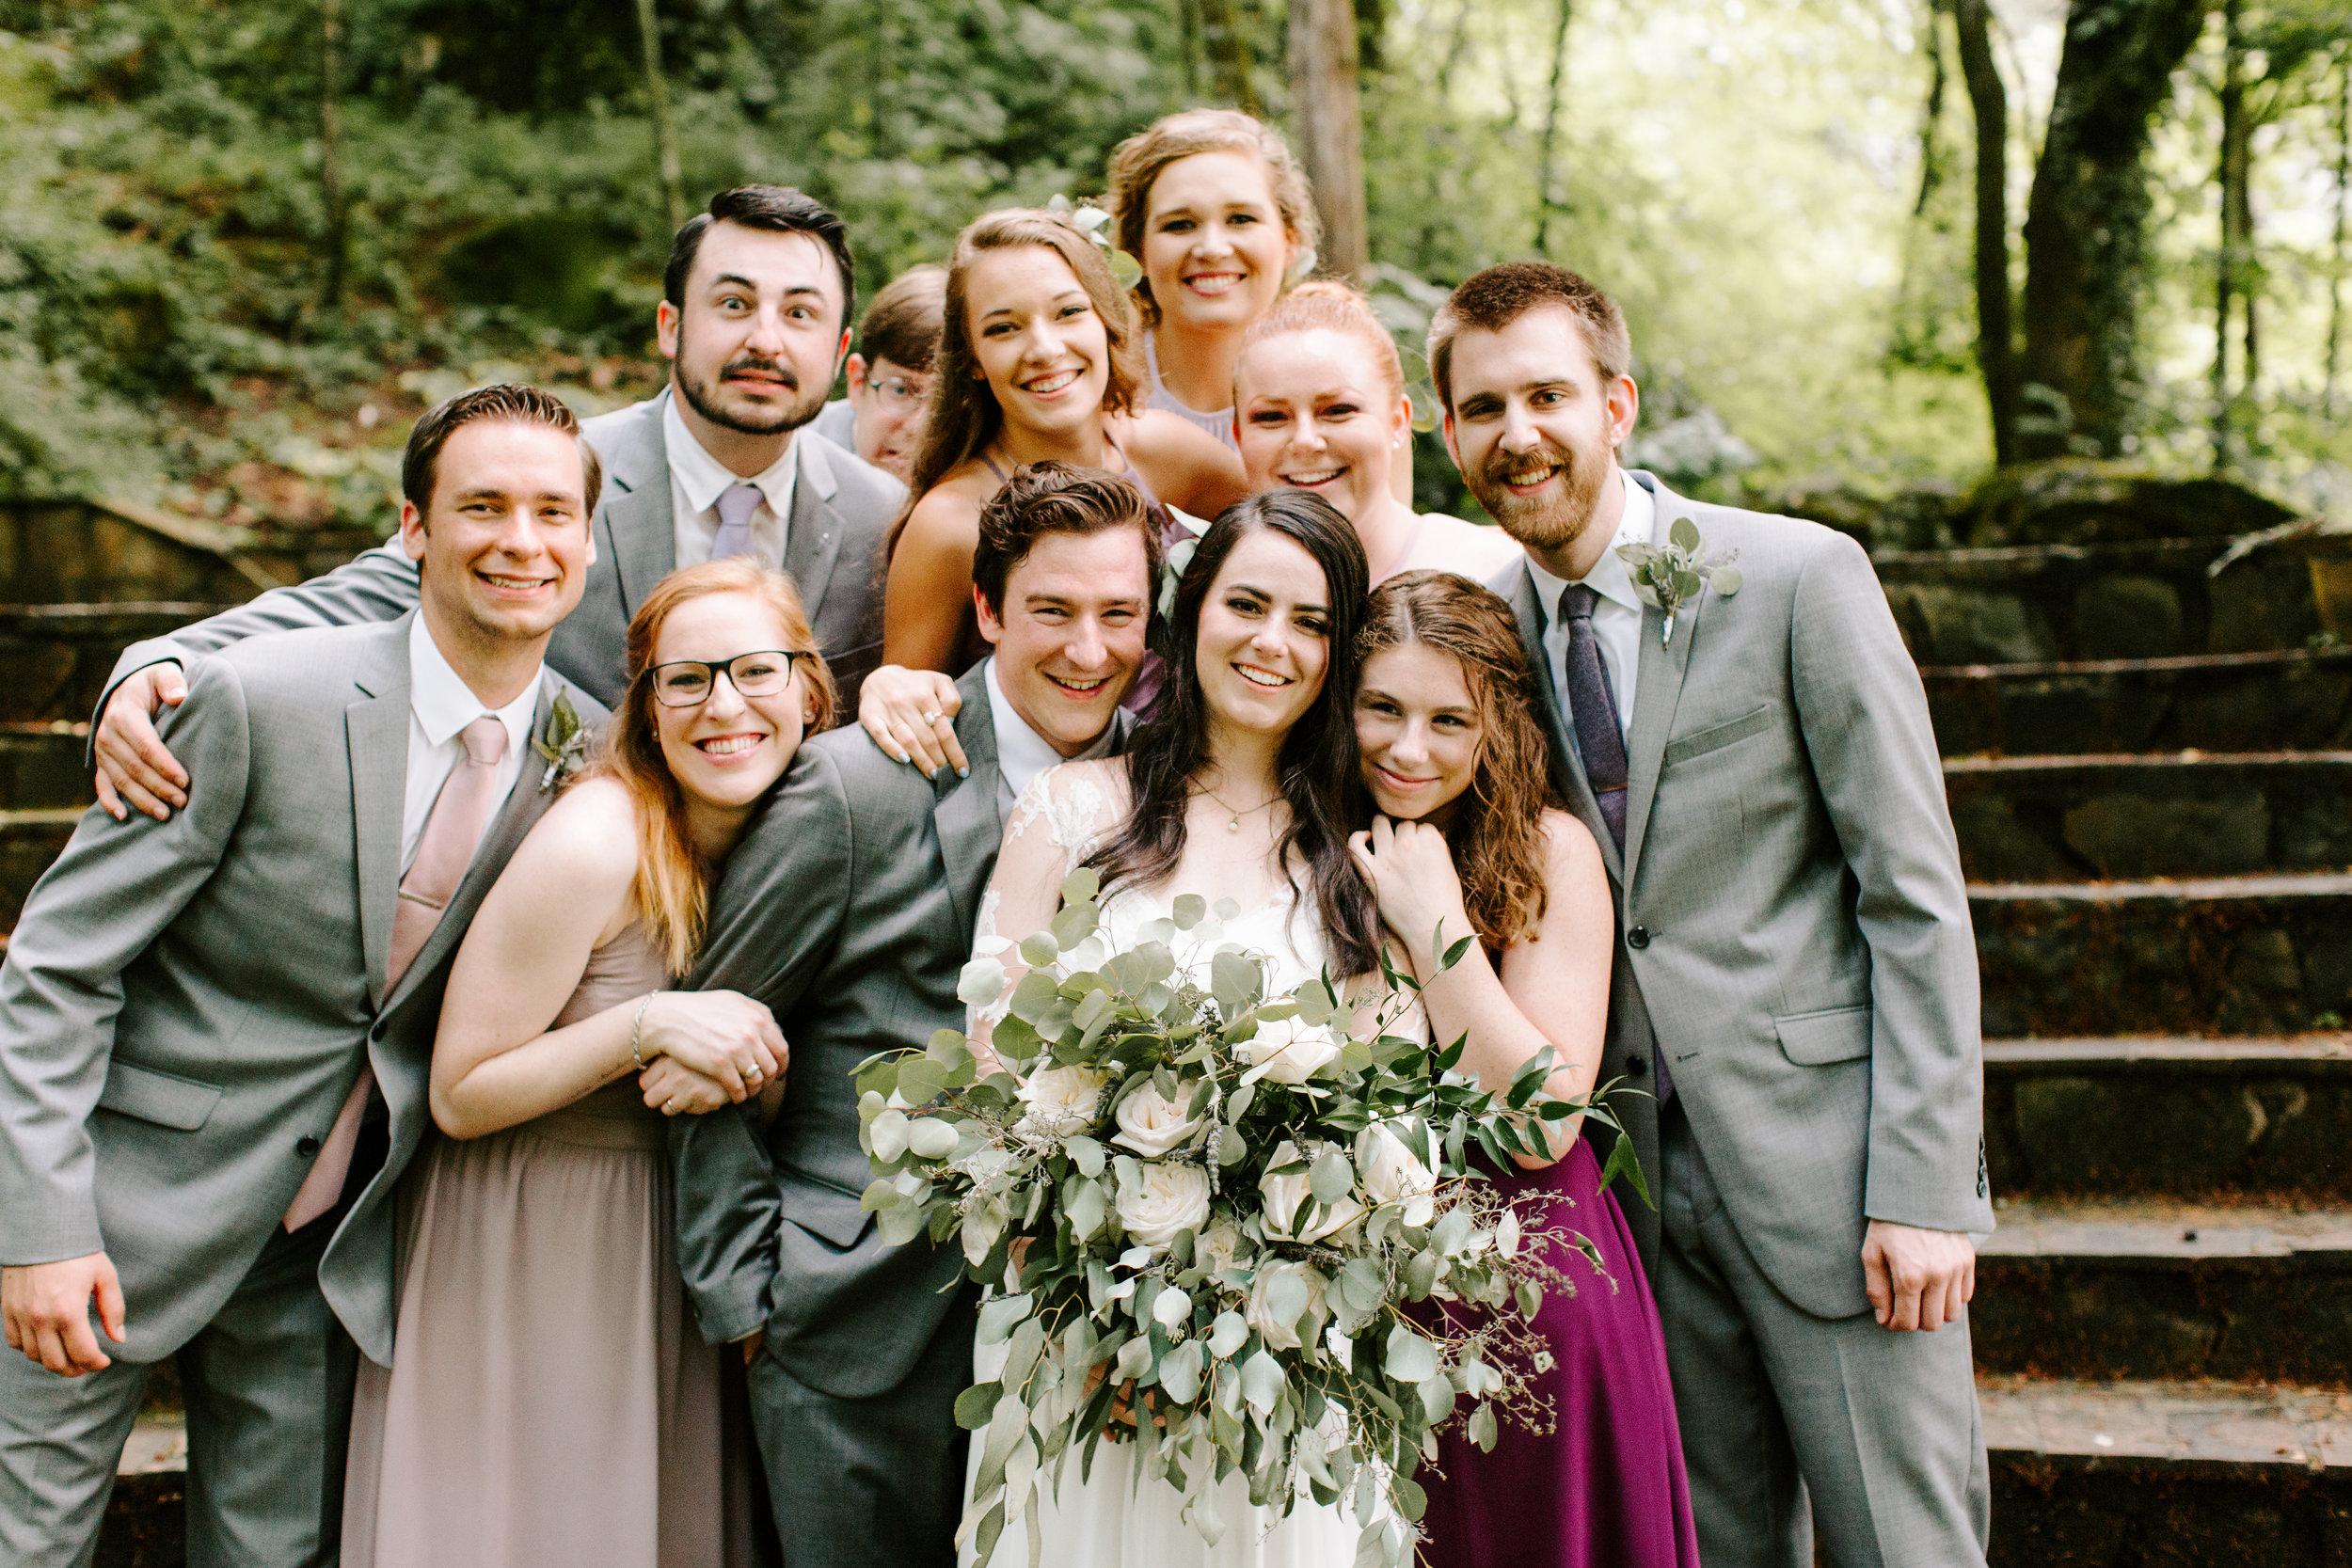 bridesmaids-groomsmen-hug.jpg